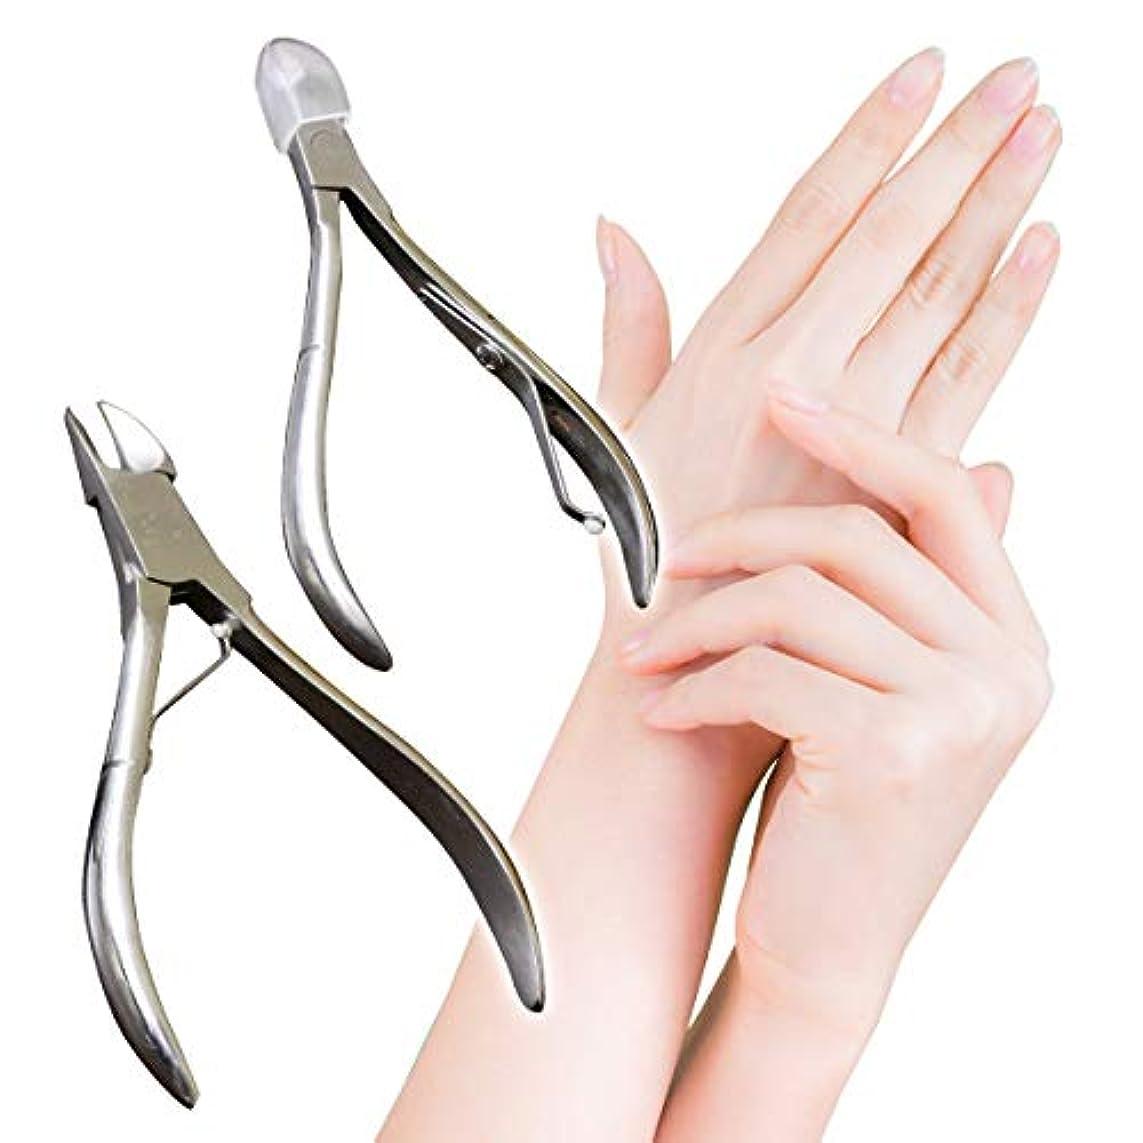 シャックル子供時代殺す「爪切り 大小2本セット」ネイルニッパー ステンレス製 割れ爪 巻き爪 陥入爪 2枚爪 厚い爪 足用 ささくれ 左右両用 ネイルケア 大小(S8L12)